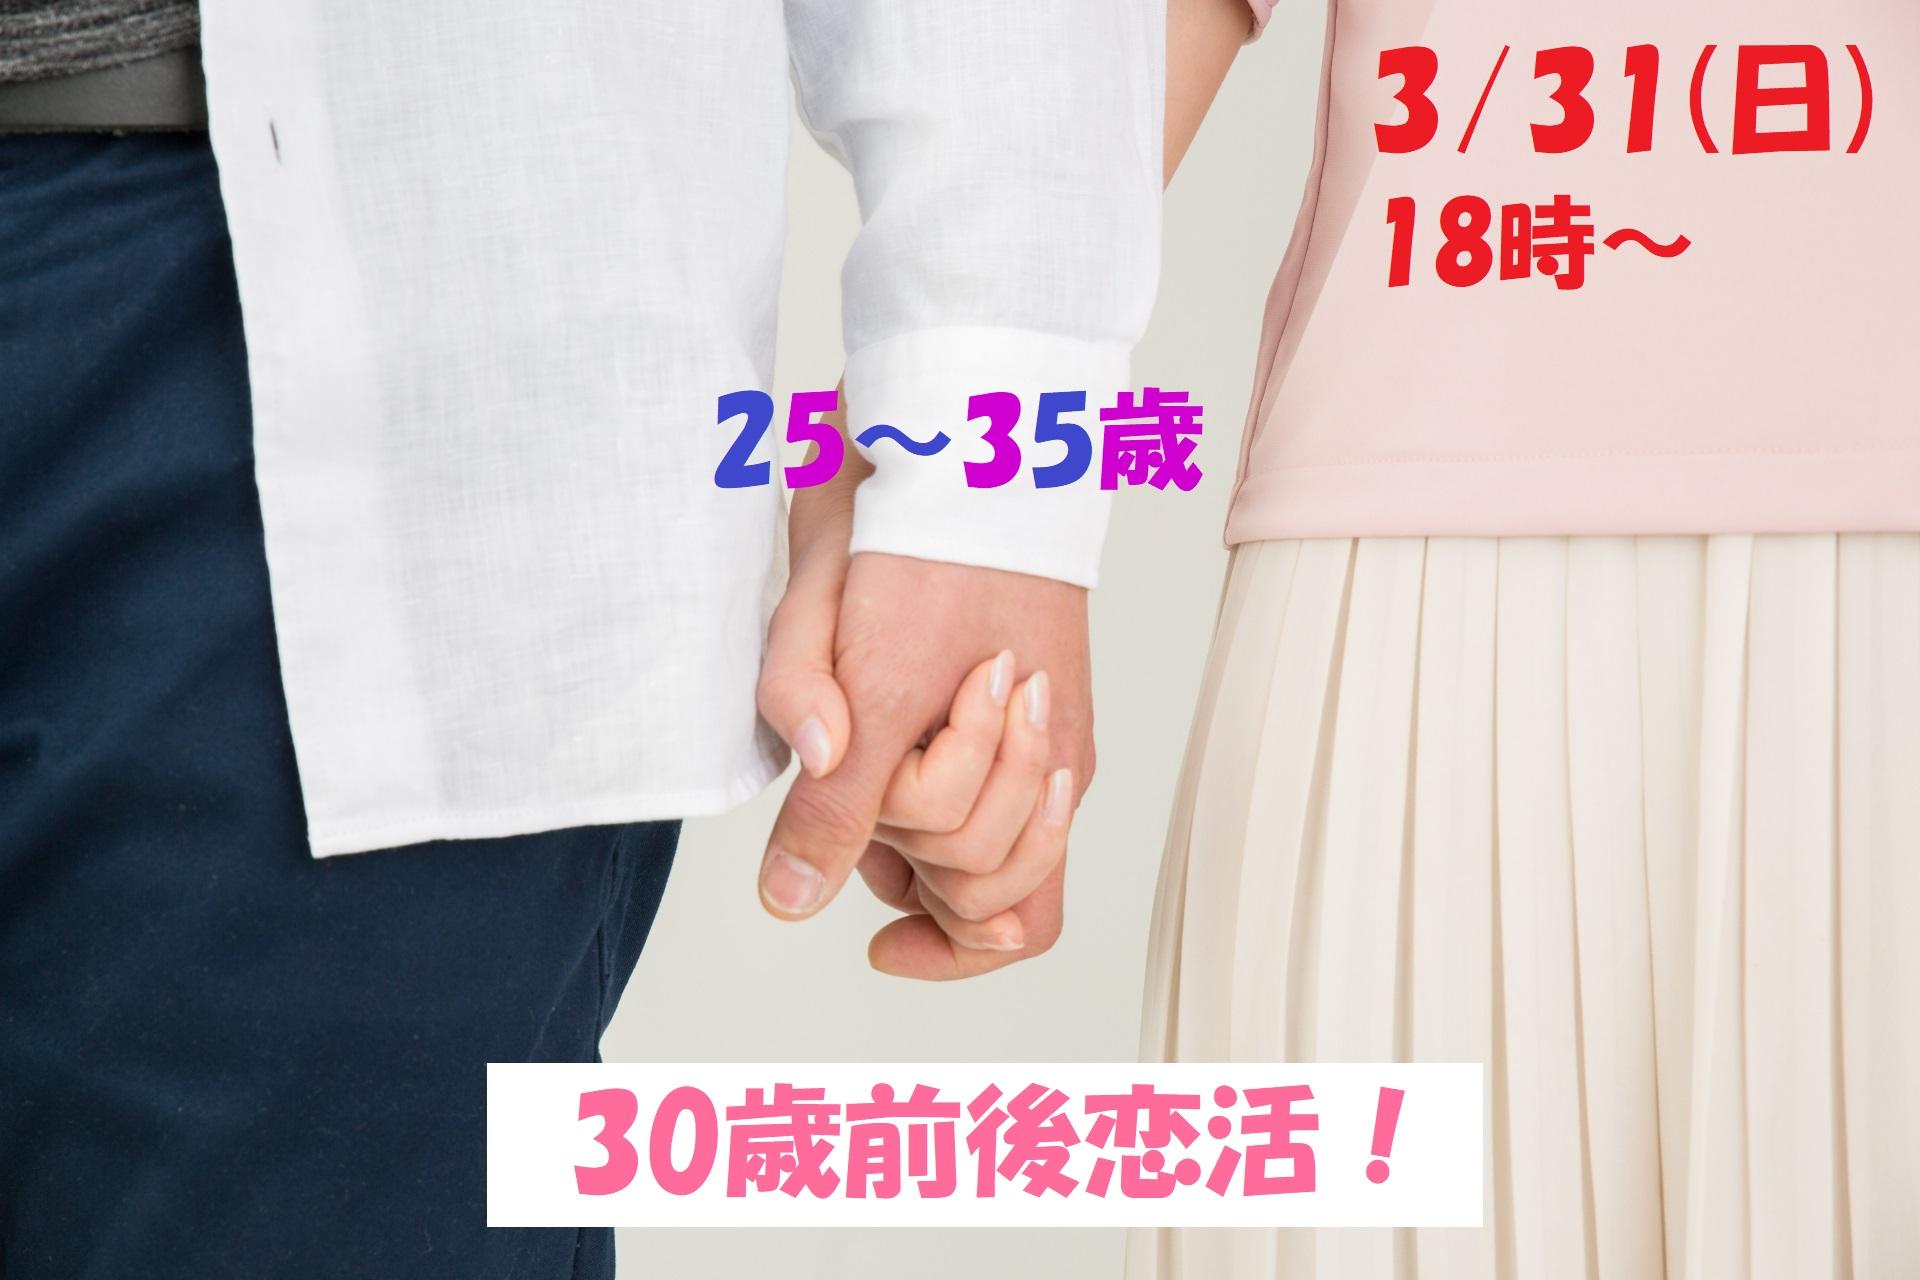 【終了】3月31日(日)18時~【25~35歳】いい人がいたら付き合いたいな…30歳前後恋活!